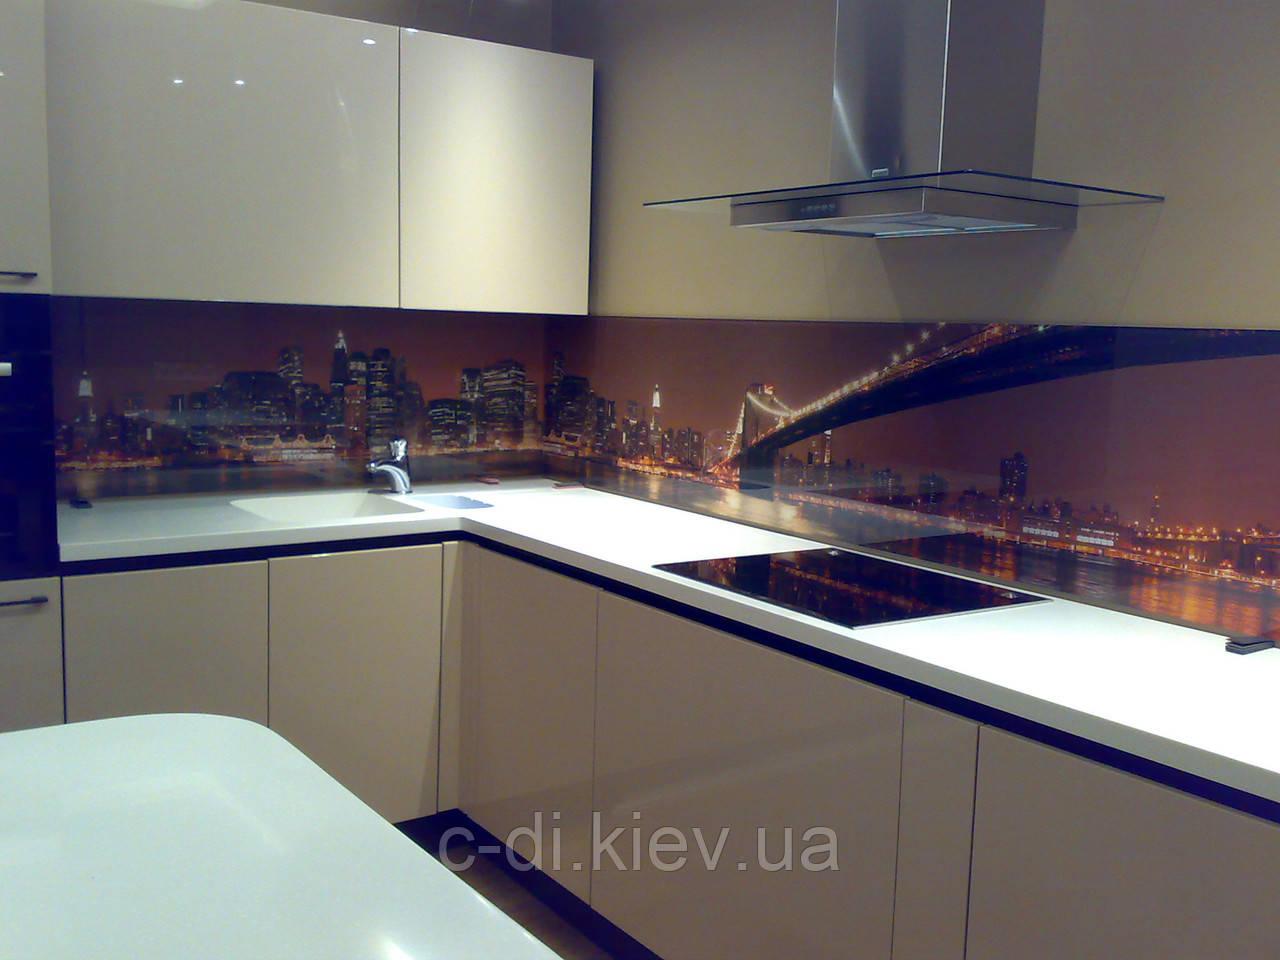 Стеклянные панели на рабочую поверхность кухни, стеклянный фартук